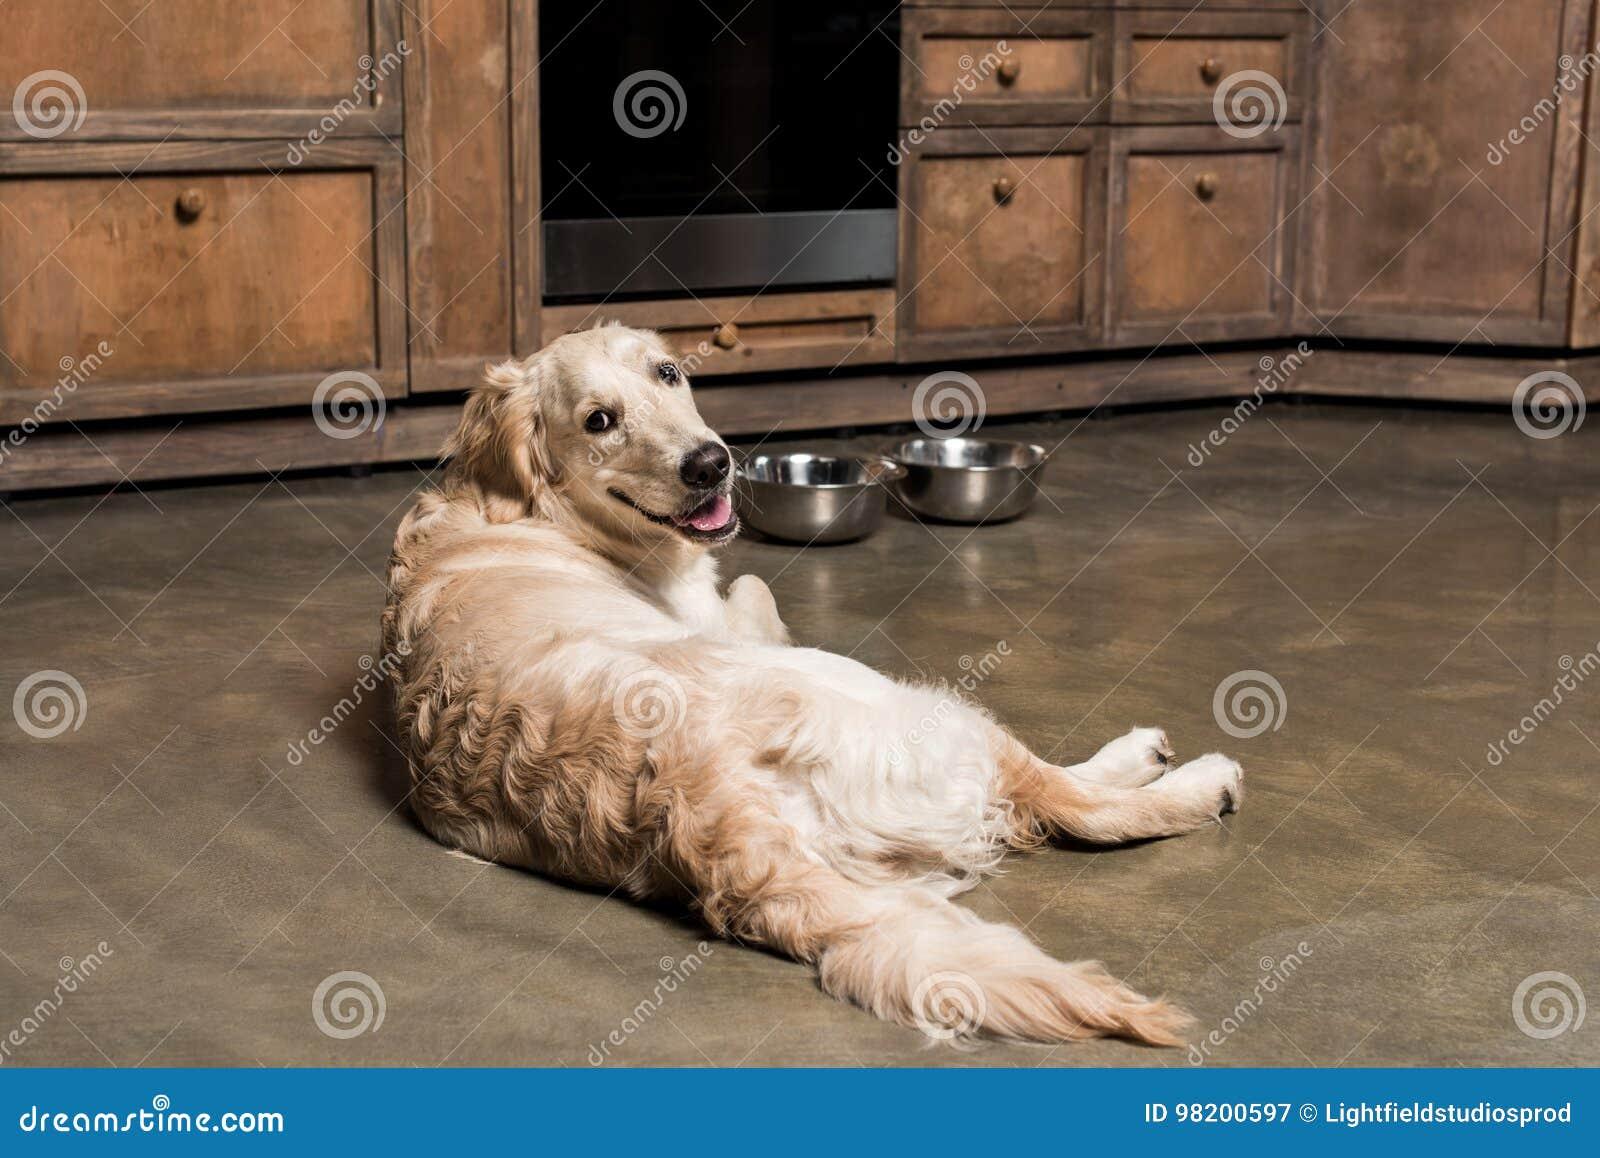 Download Собака золотого Retriever лежа на металлических шарах в кухне Стоковое Изображение - изображение насчитывающей пушисто, mammal: 98200597